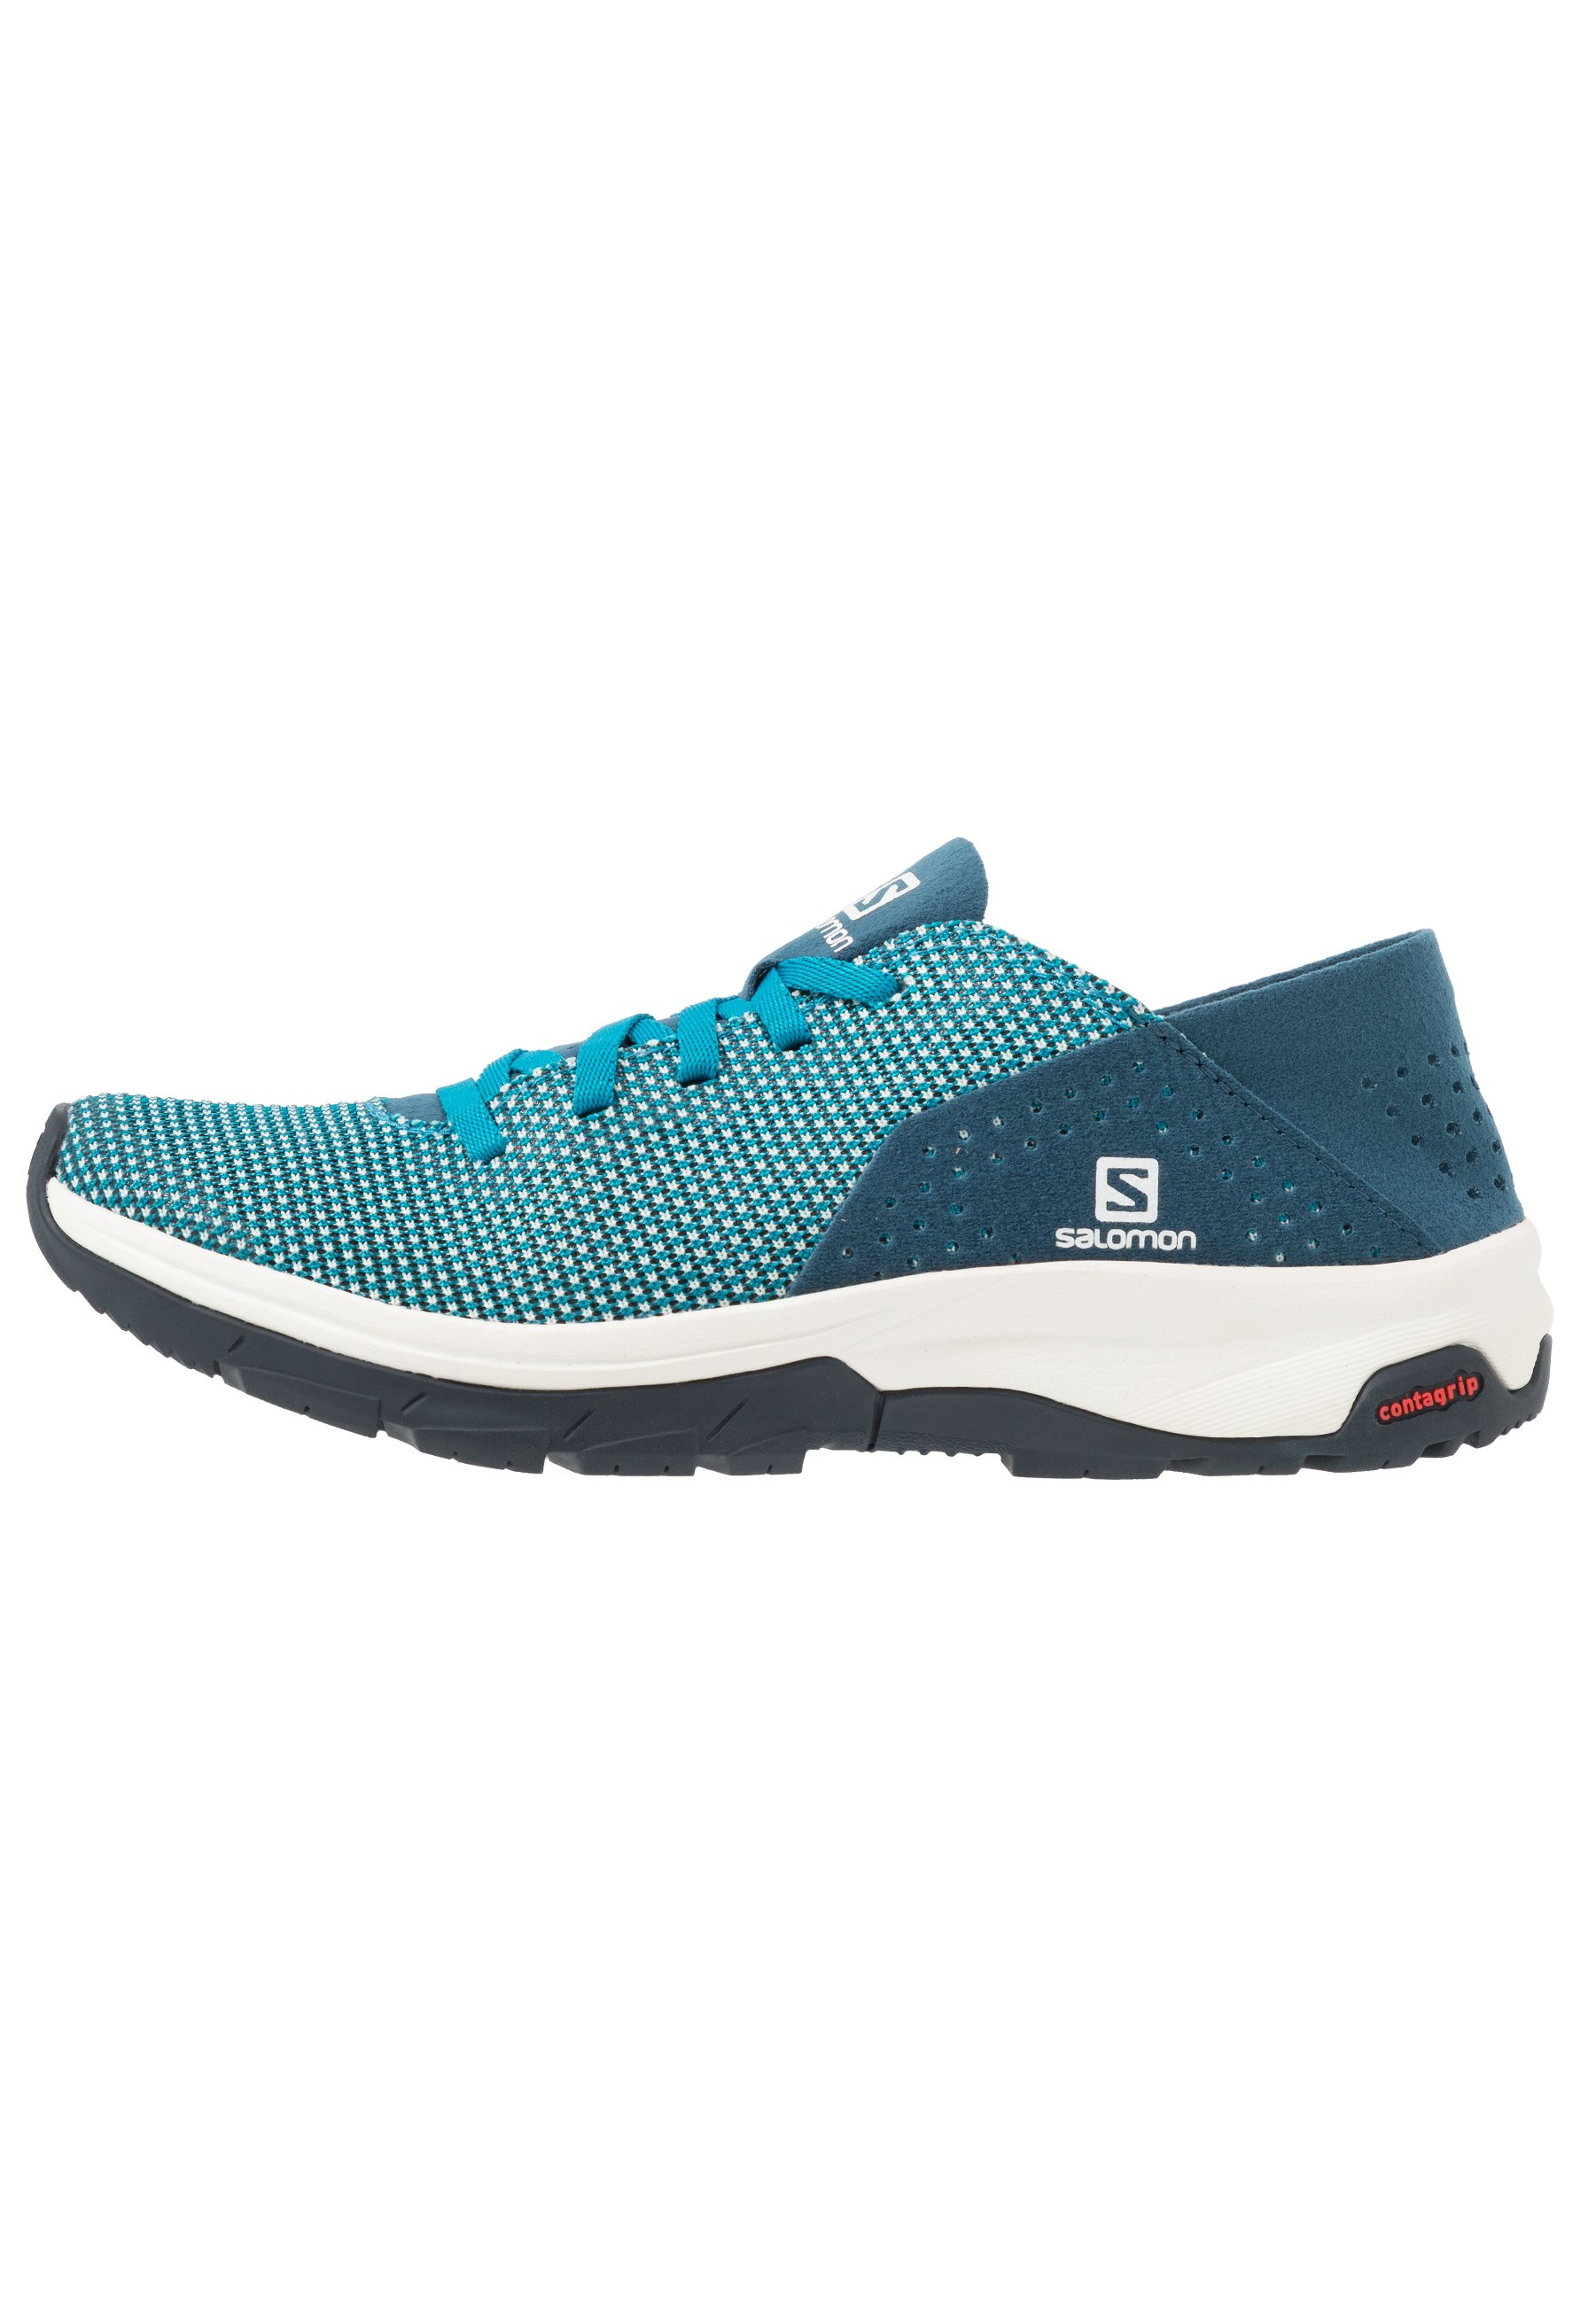 Salomon Sportschuhe für Damen | Bei den Schuhen fängt es an kYxLZ